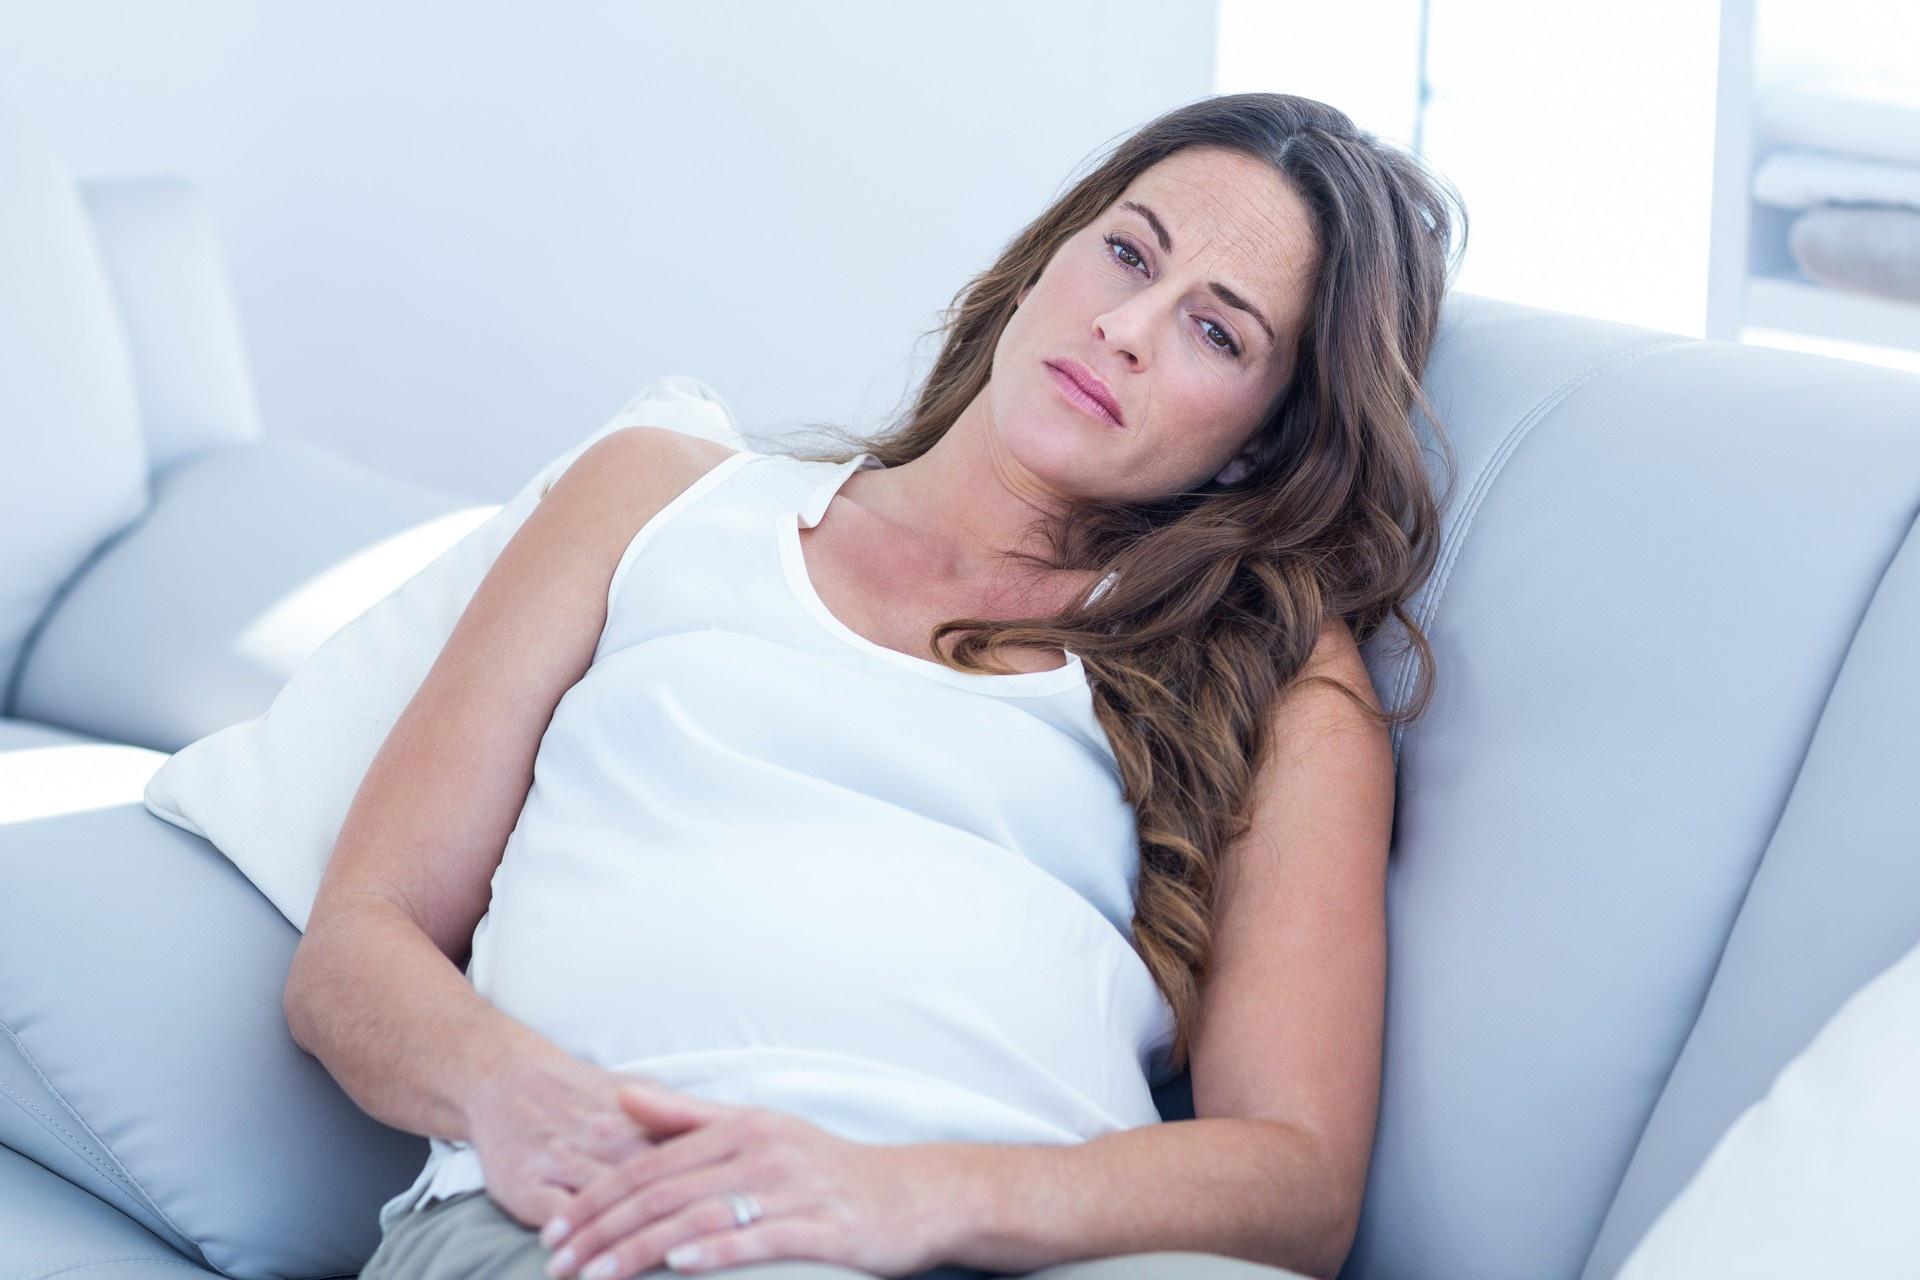 беременная в белой майке